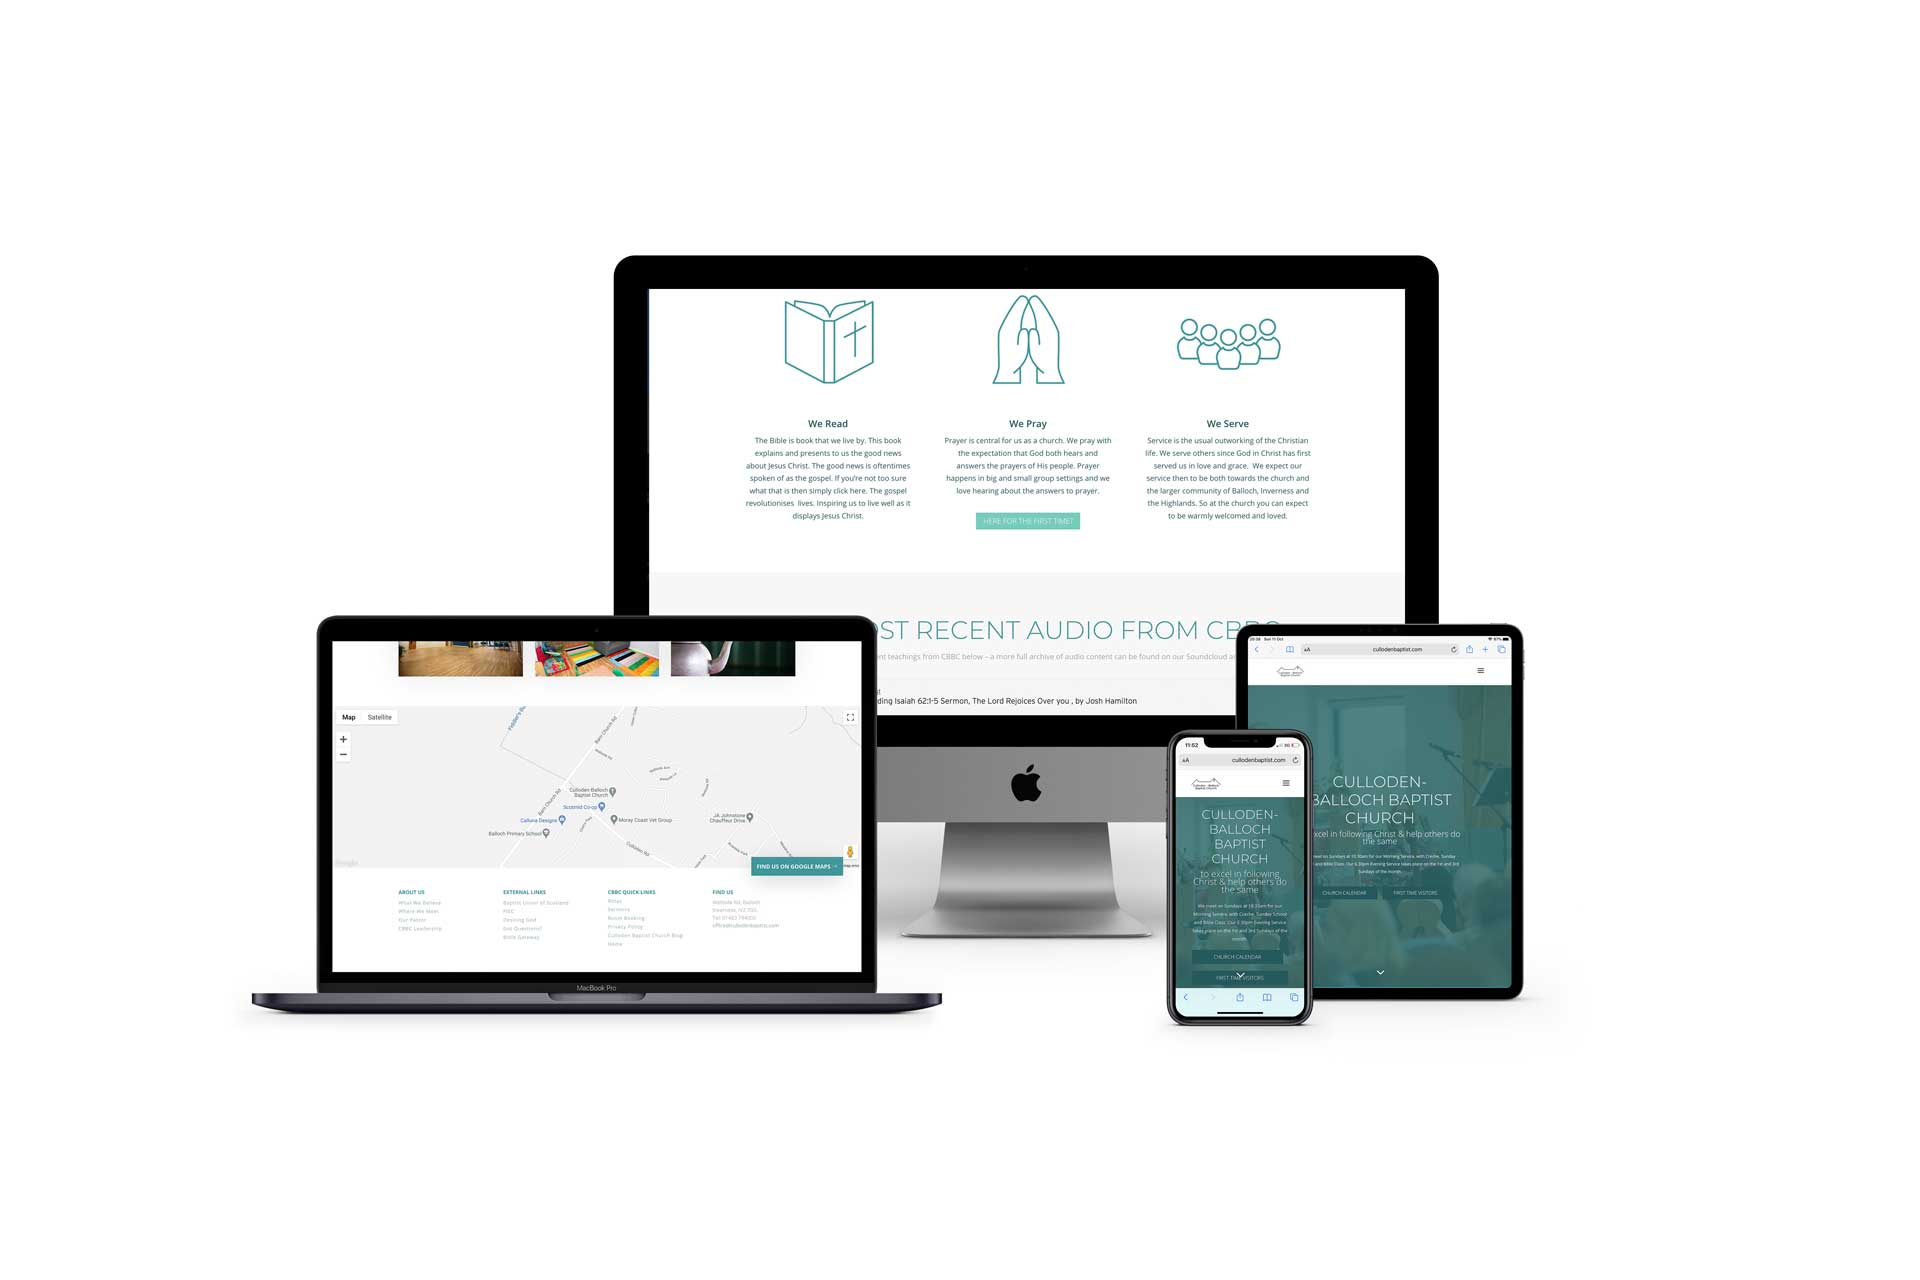 a screenshot of the culloden baptist church website